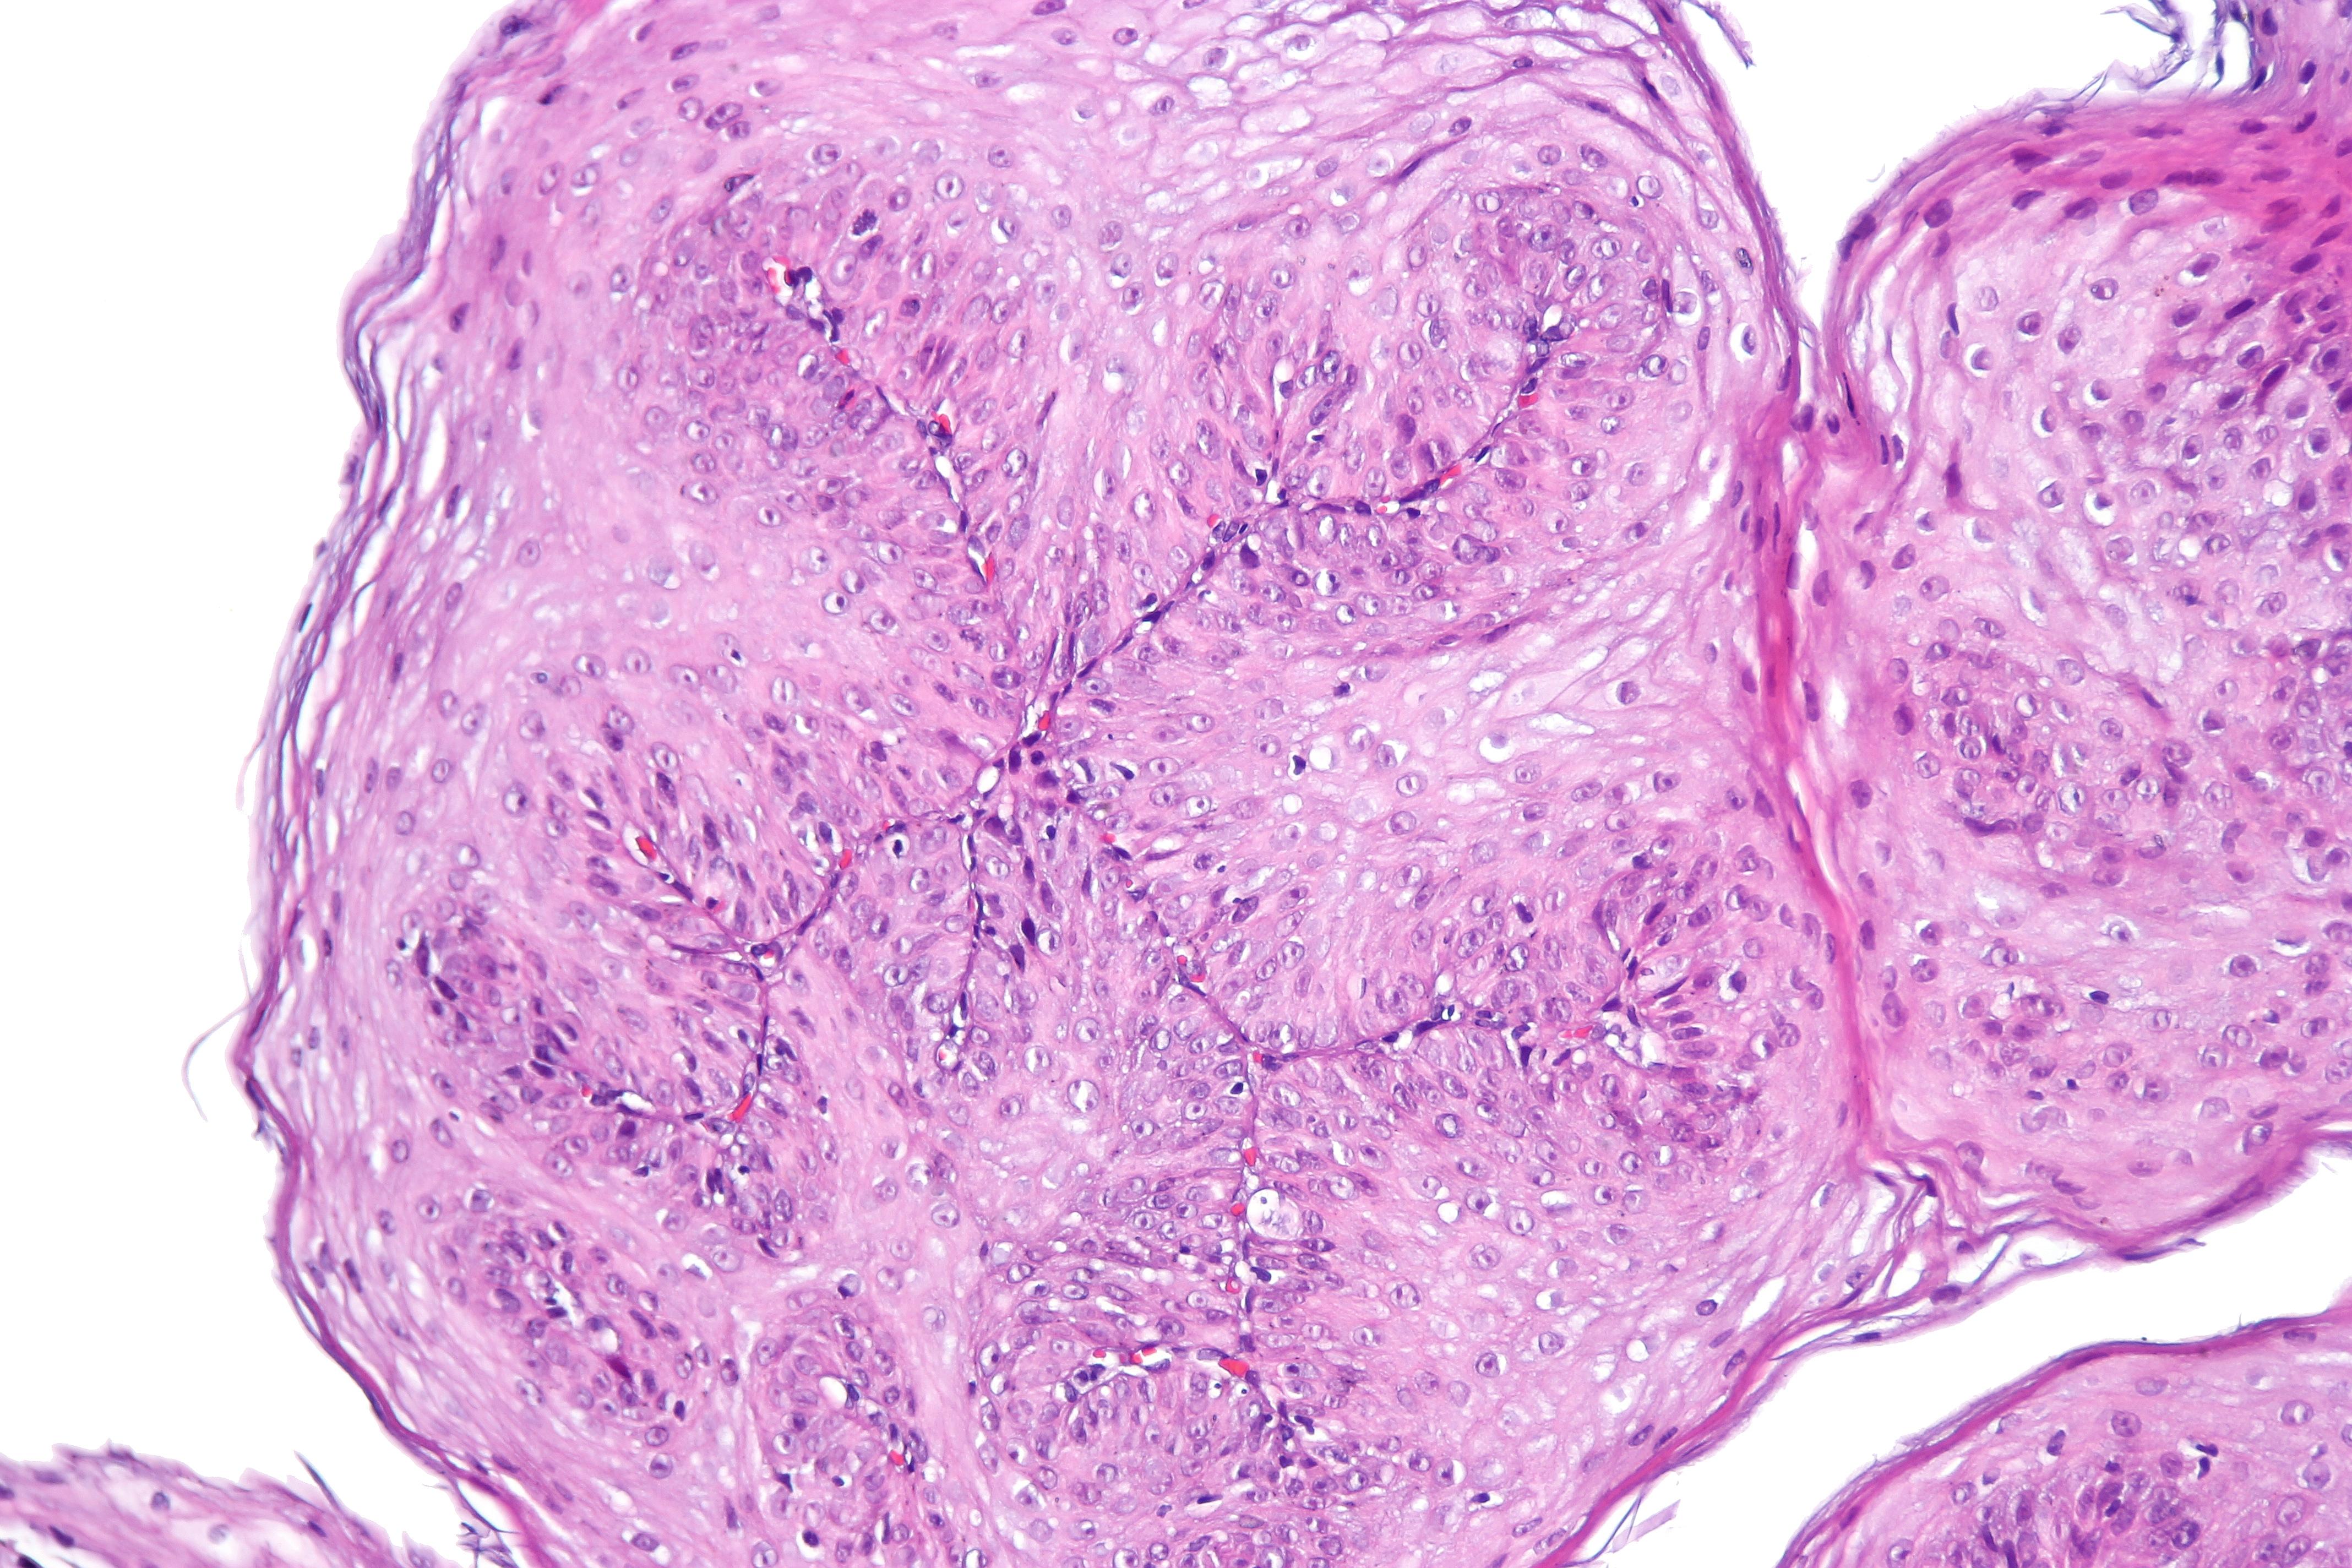 squamous papilloma of esophagus respiratory papillomatosis histopathology